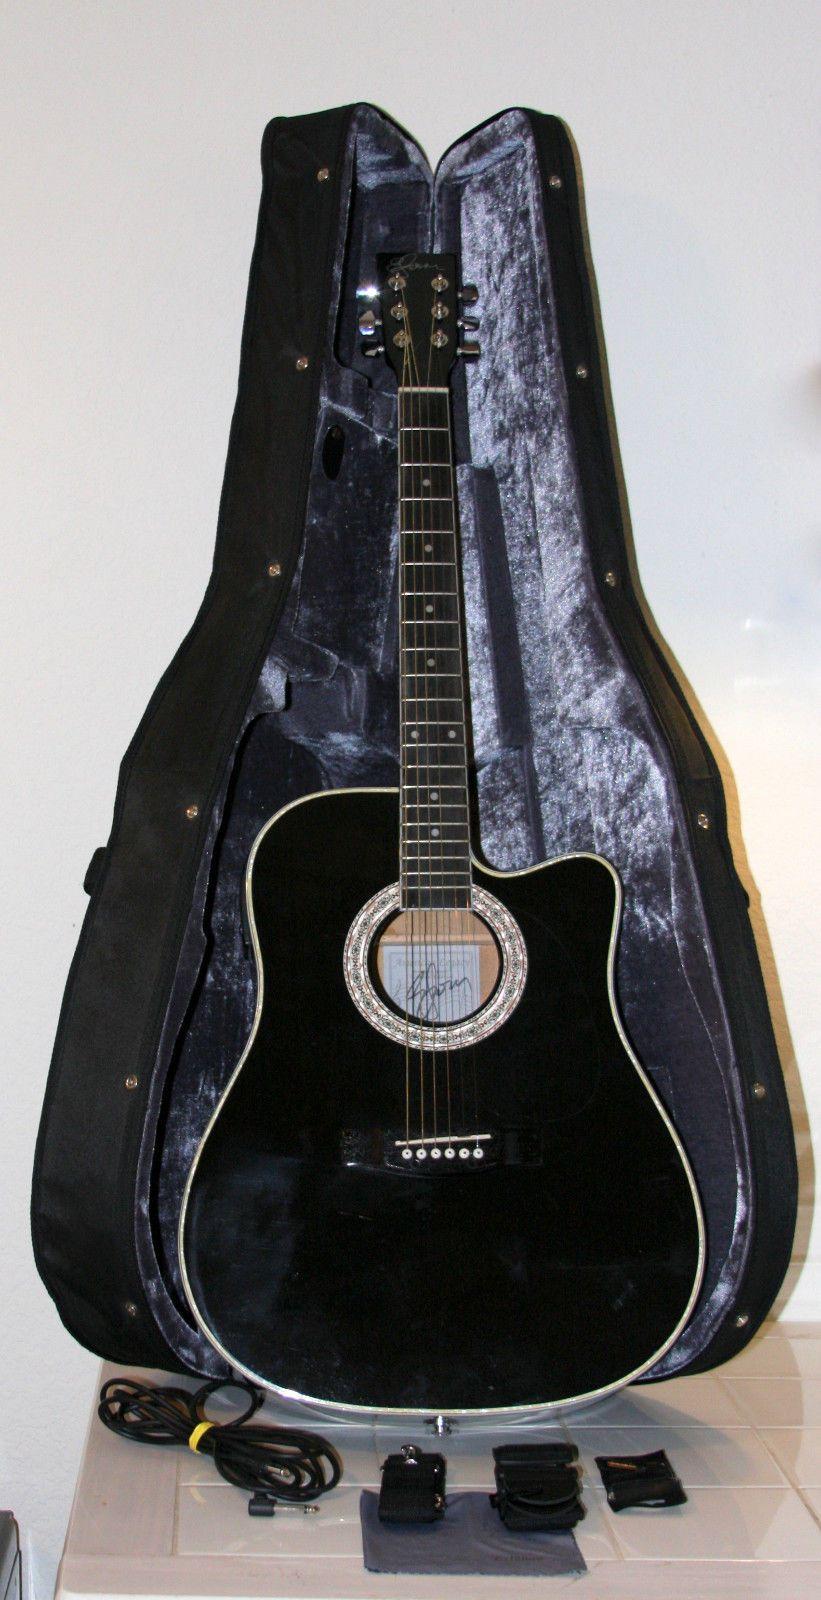 Esteban Acoustic Electric Guitar Acoustic Electric Guitar Guitar Acoustic Electric